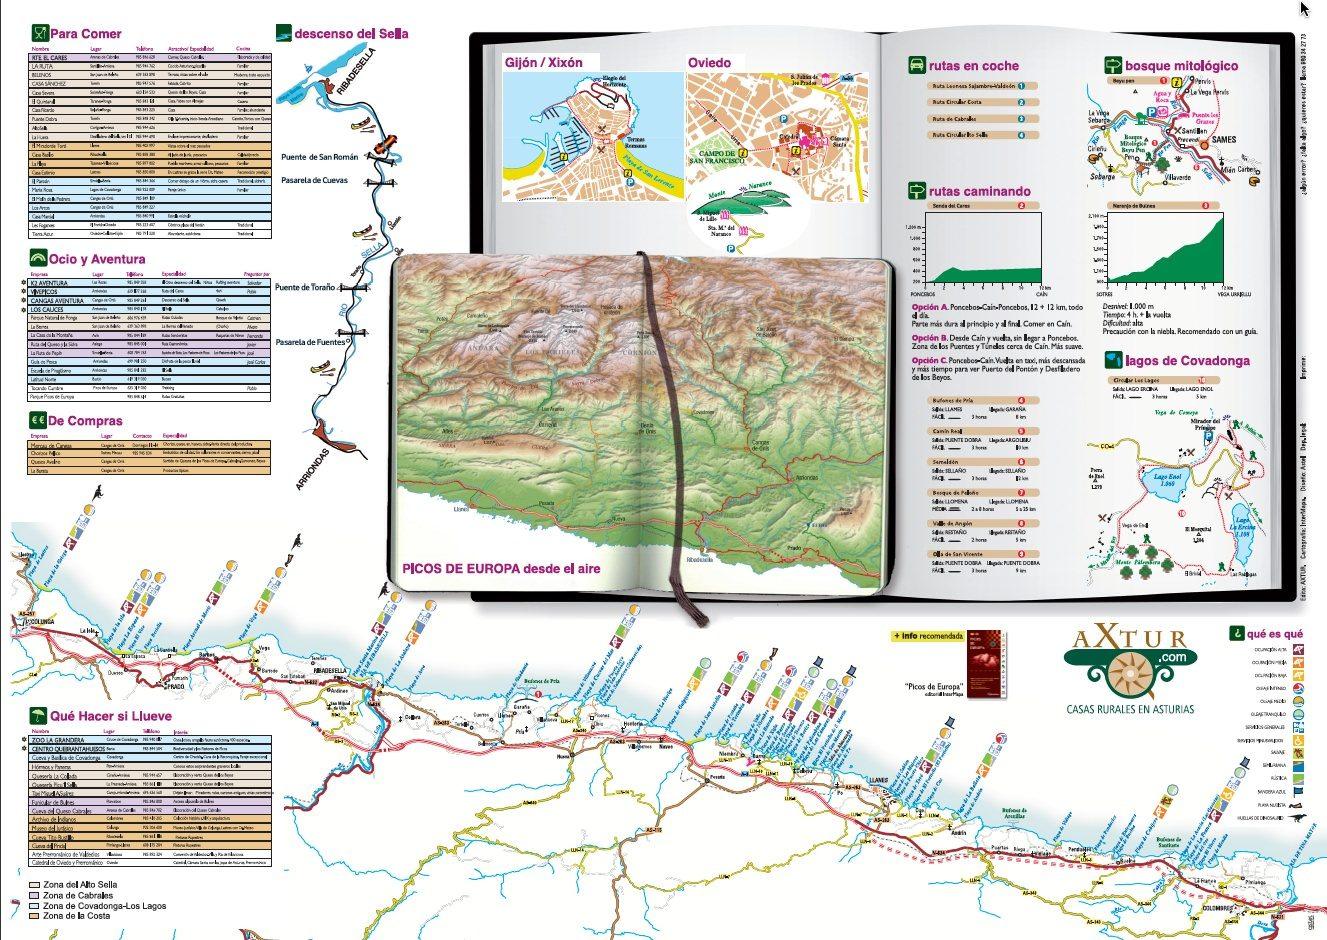 Axtur:Guia visual de los Picos de Europa Axtur